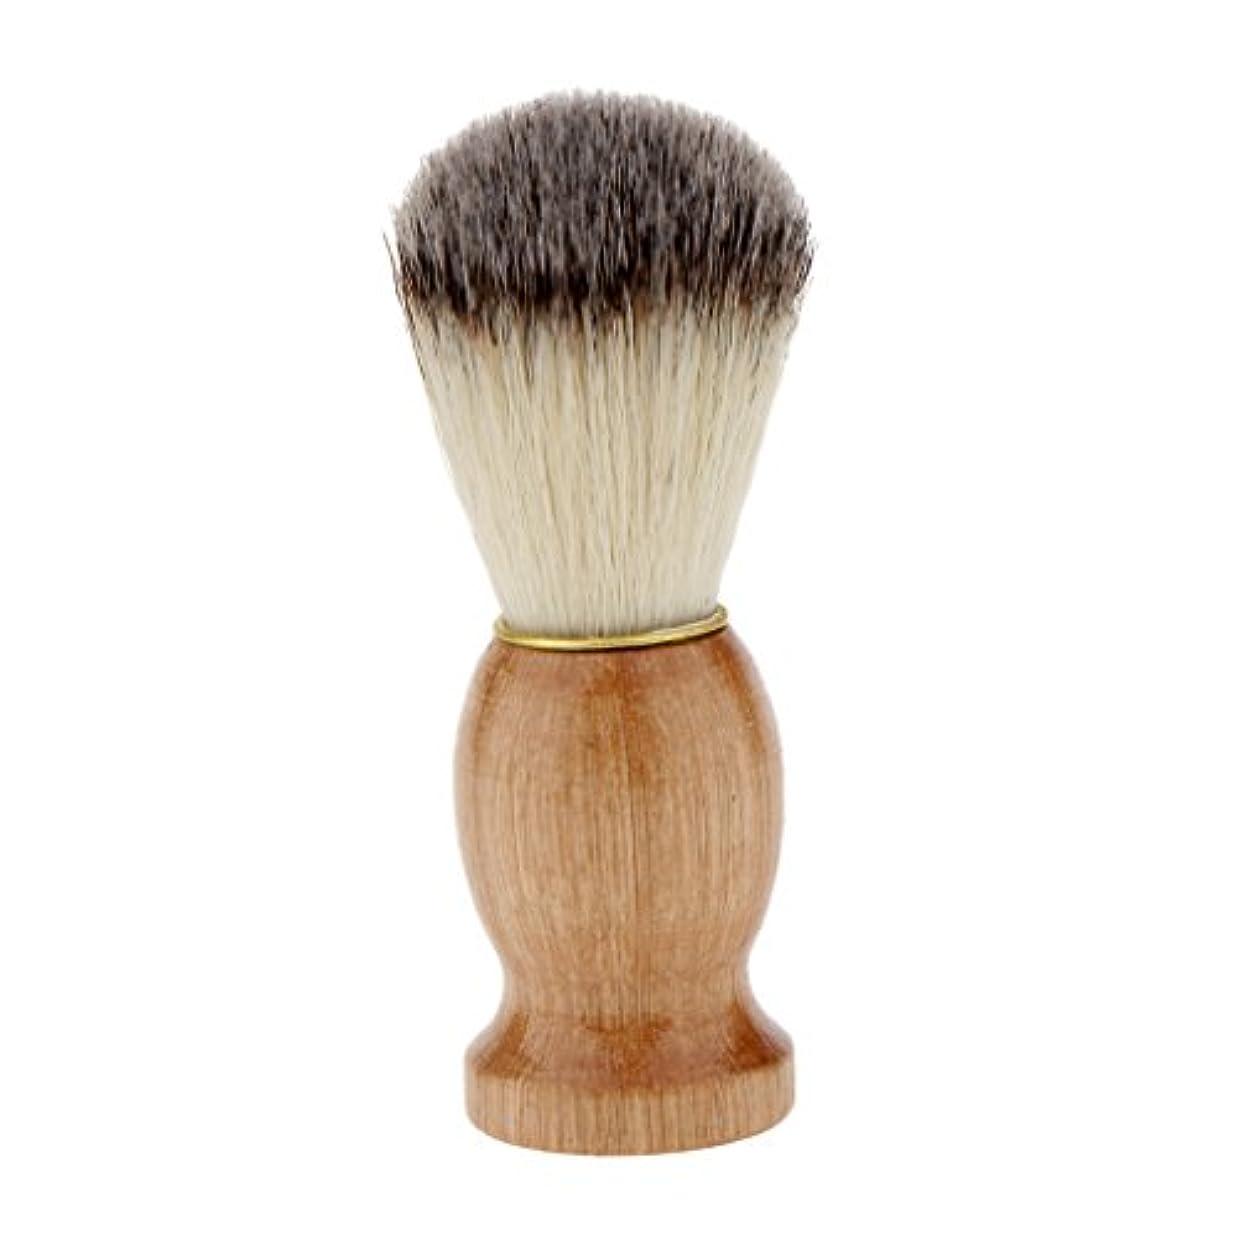 空小間ボクシング男性ギフト剃毛シェービングブラシプロ理髪店サロン剛毛ブラシウッドハンドルダストクリーニングツール